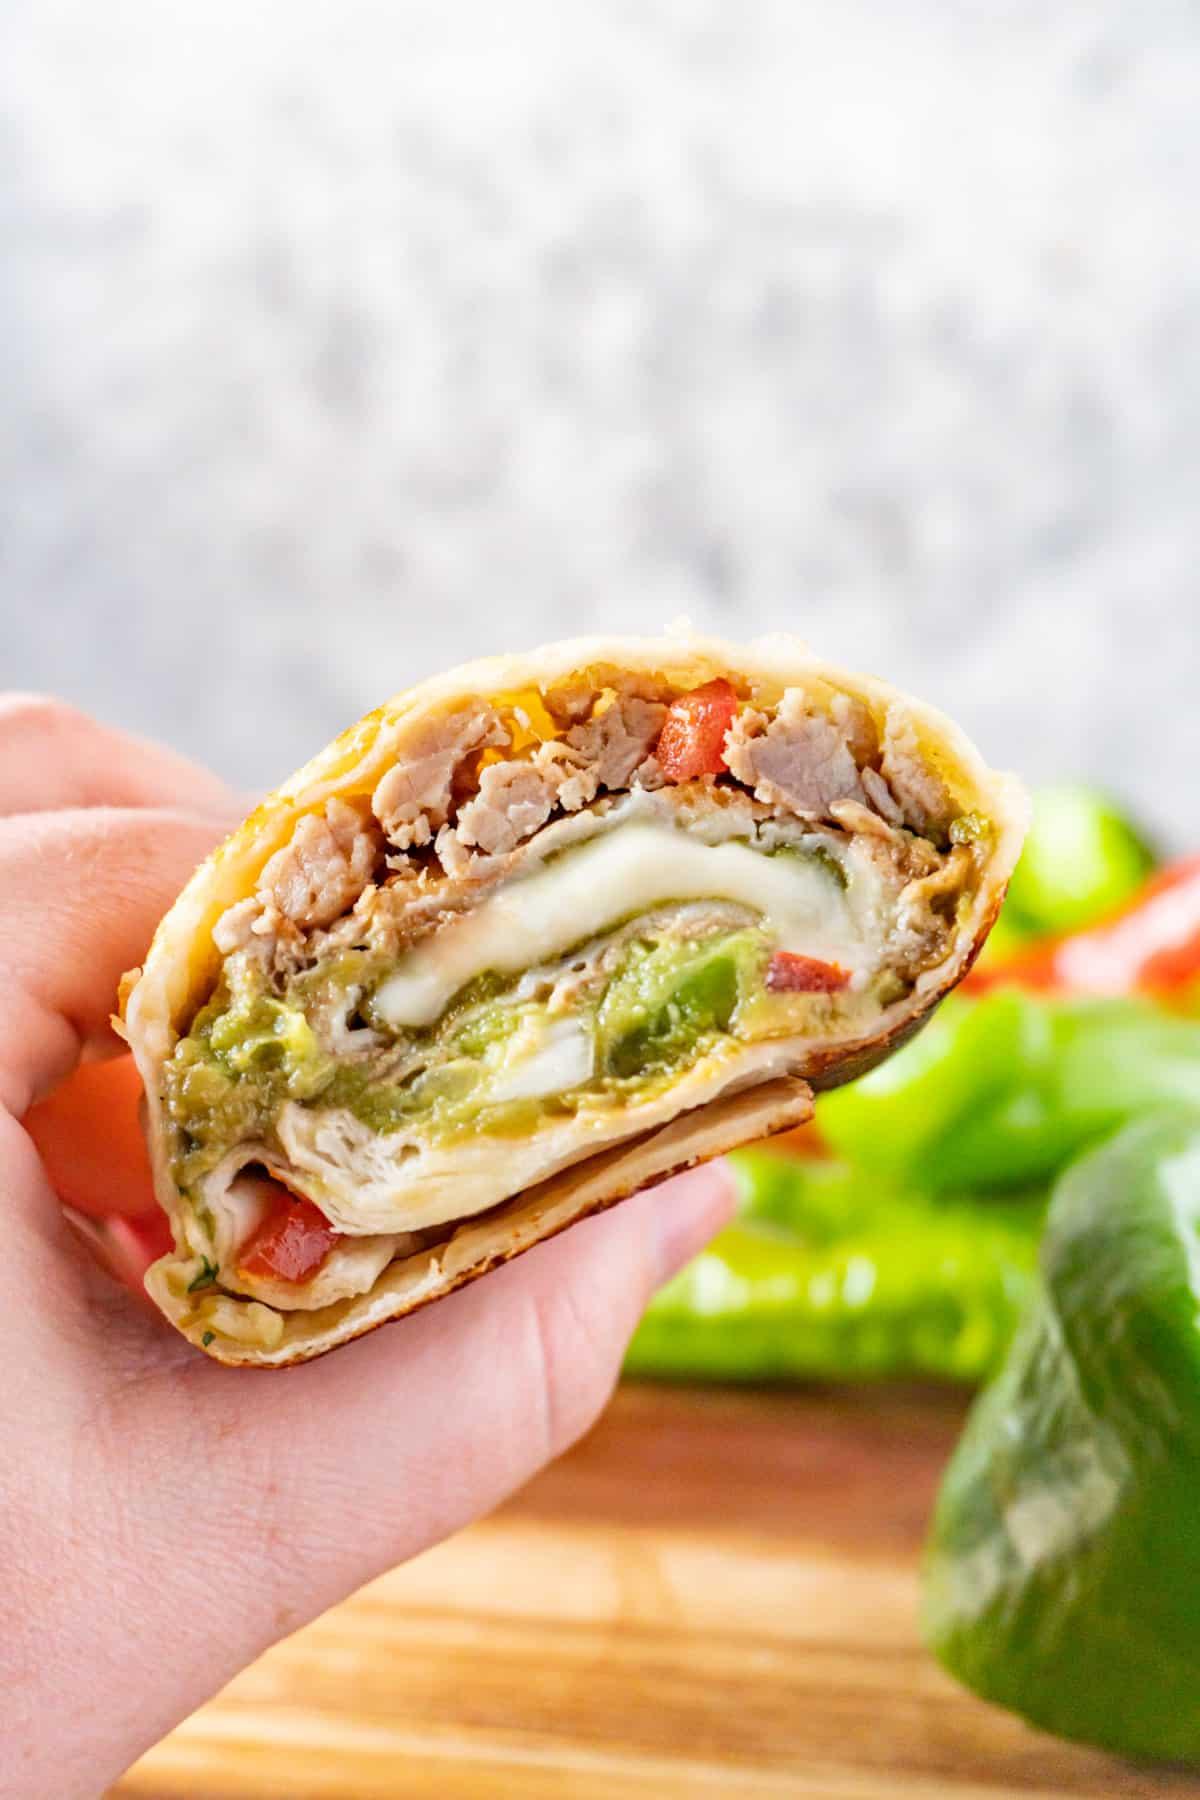 chile relleno burrito cut in half held in hand